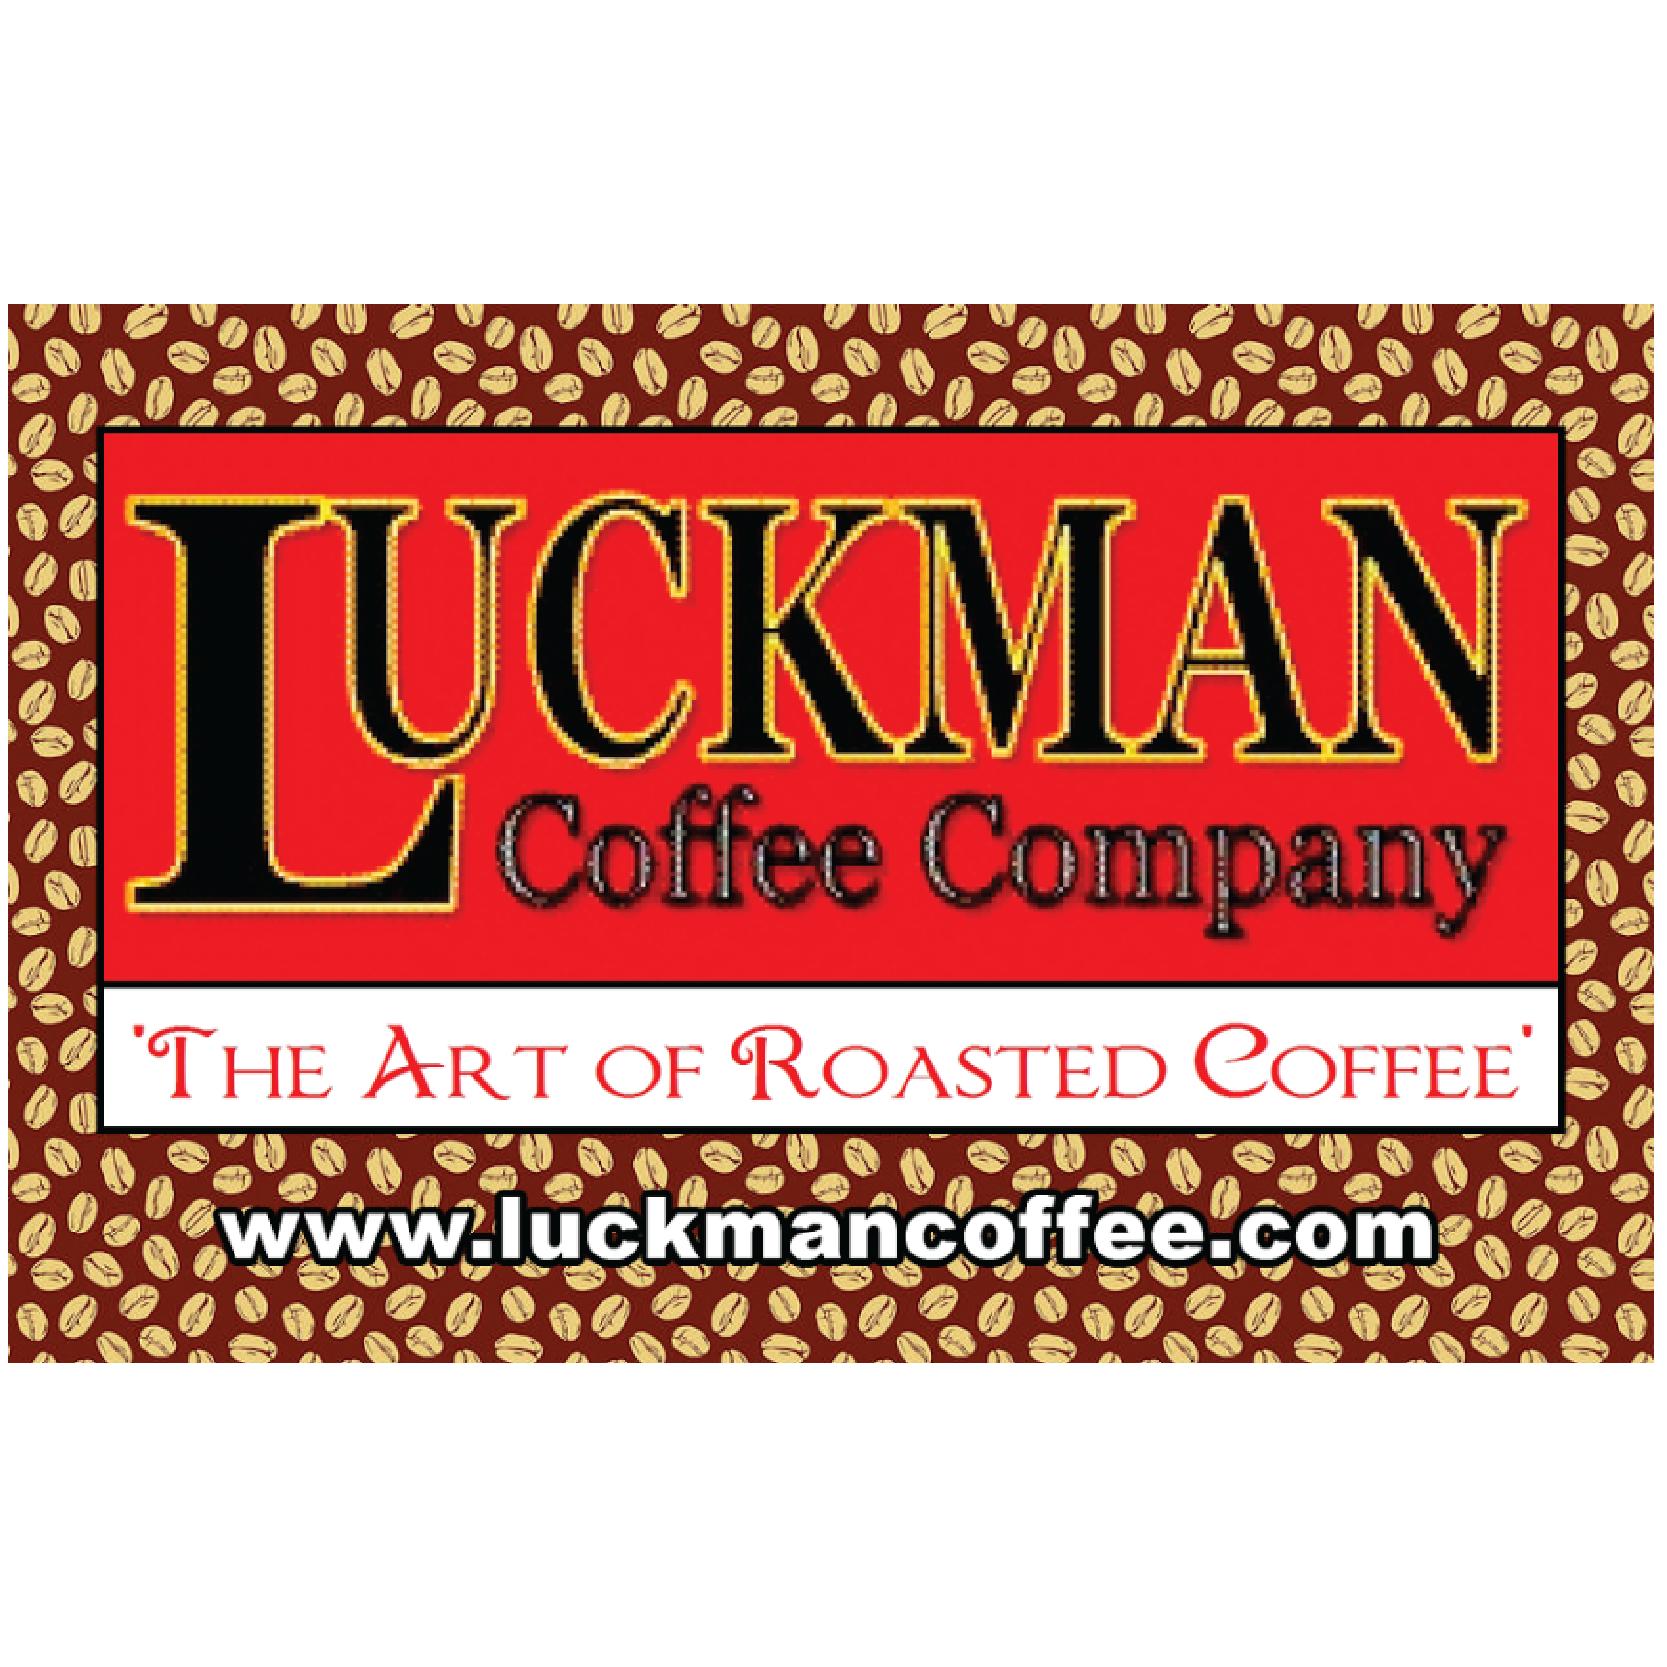 Luckman Coffee Company